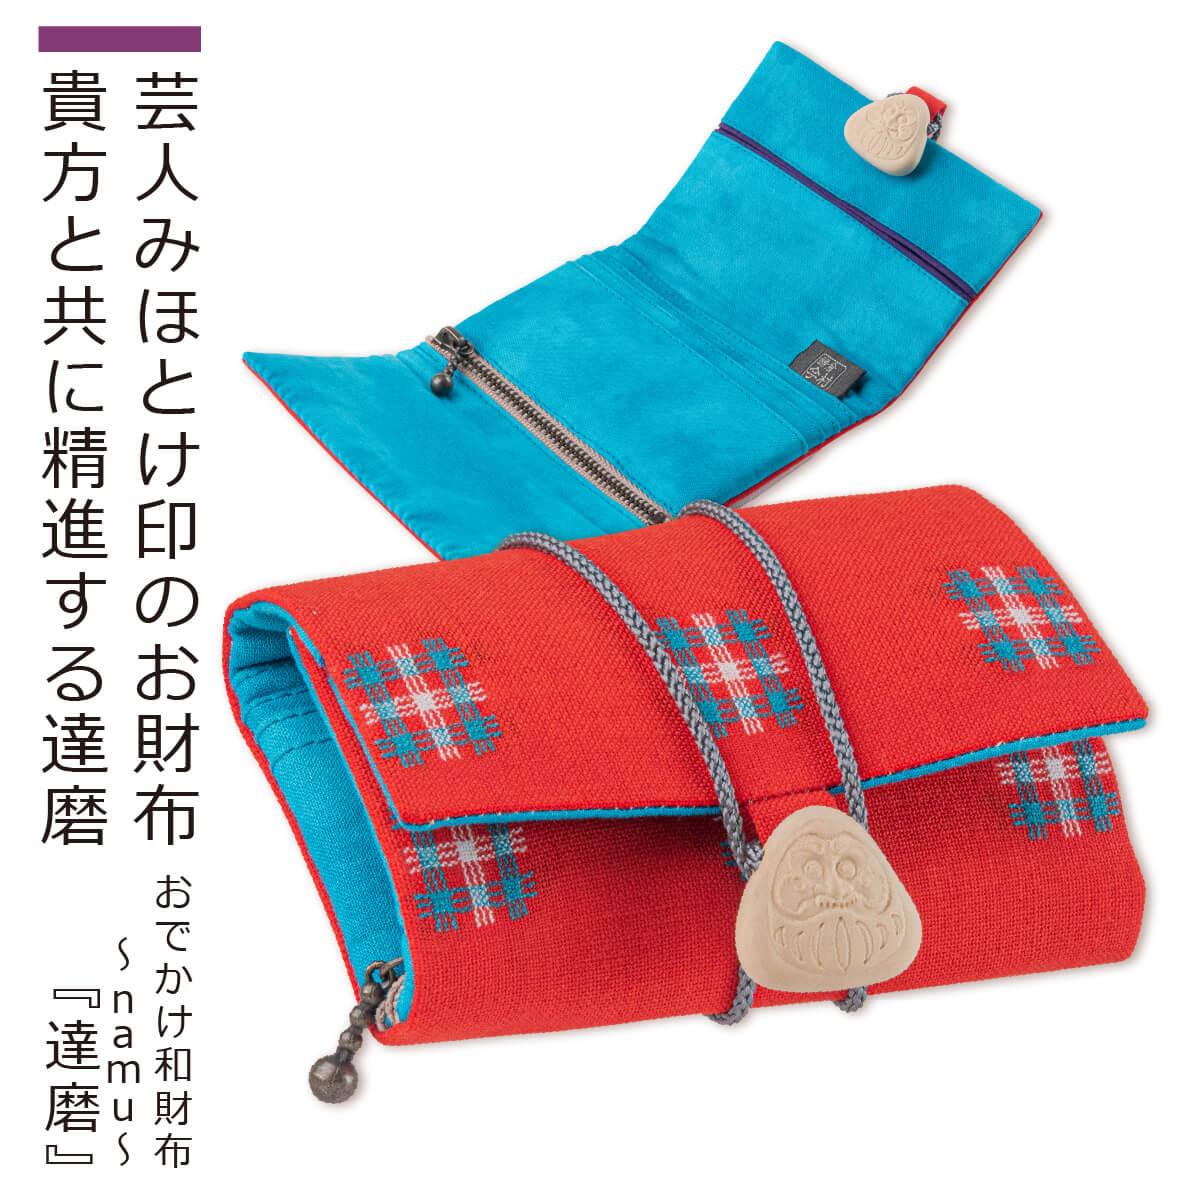 財布 おでかけ和財布~namu~ 達磨 送料無料限定セール中 ≫ 海外 和財布